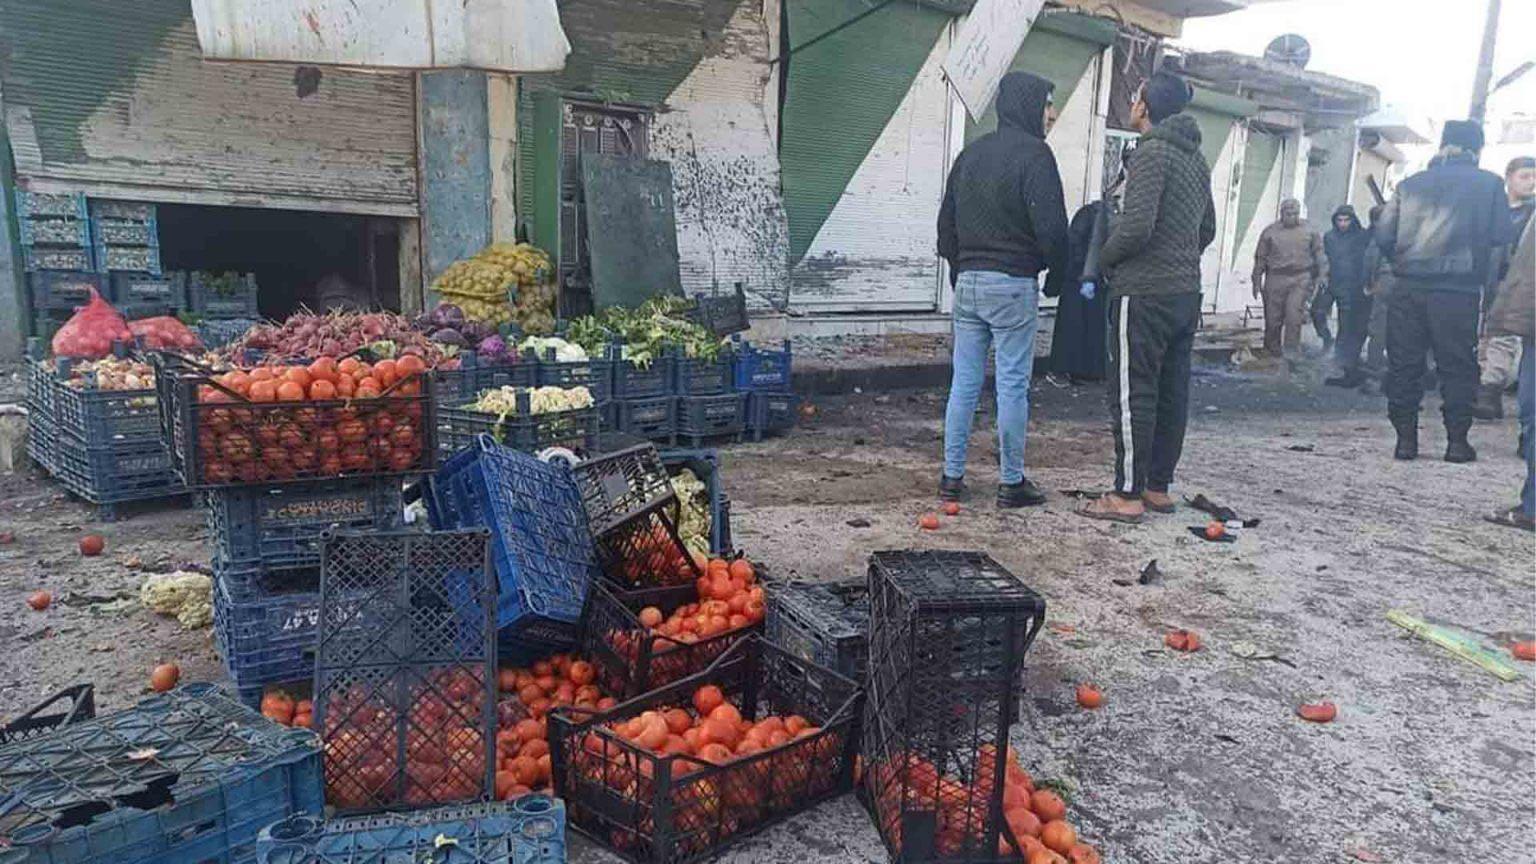 叙利亚北部发生自杀式炸弹袭击事件 致1死4伤